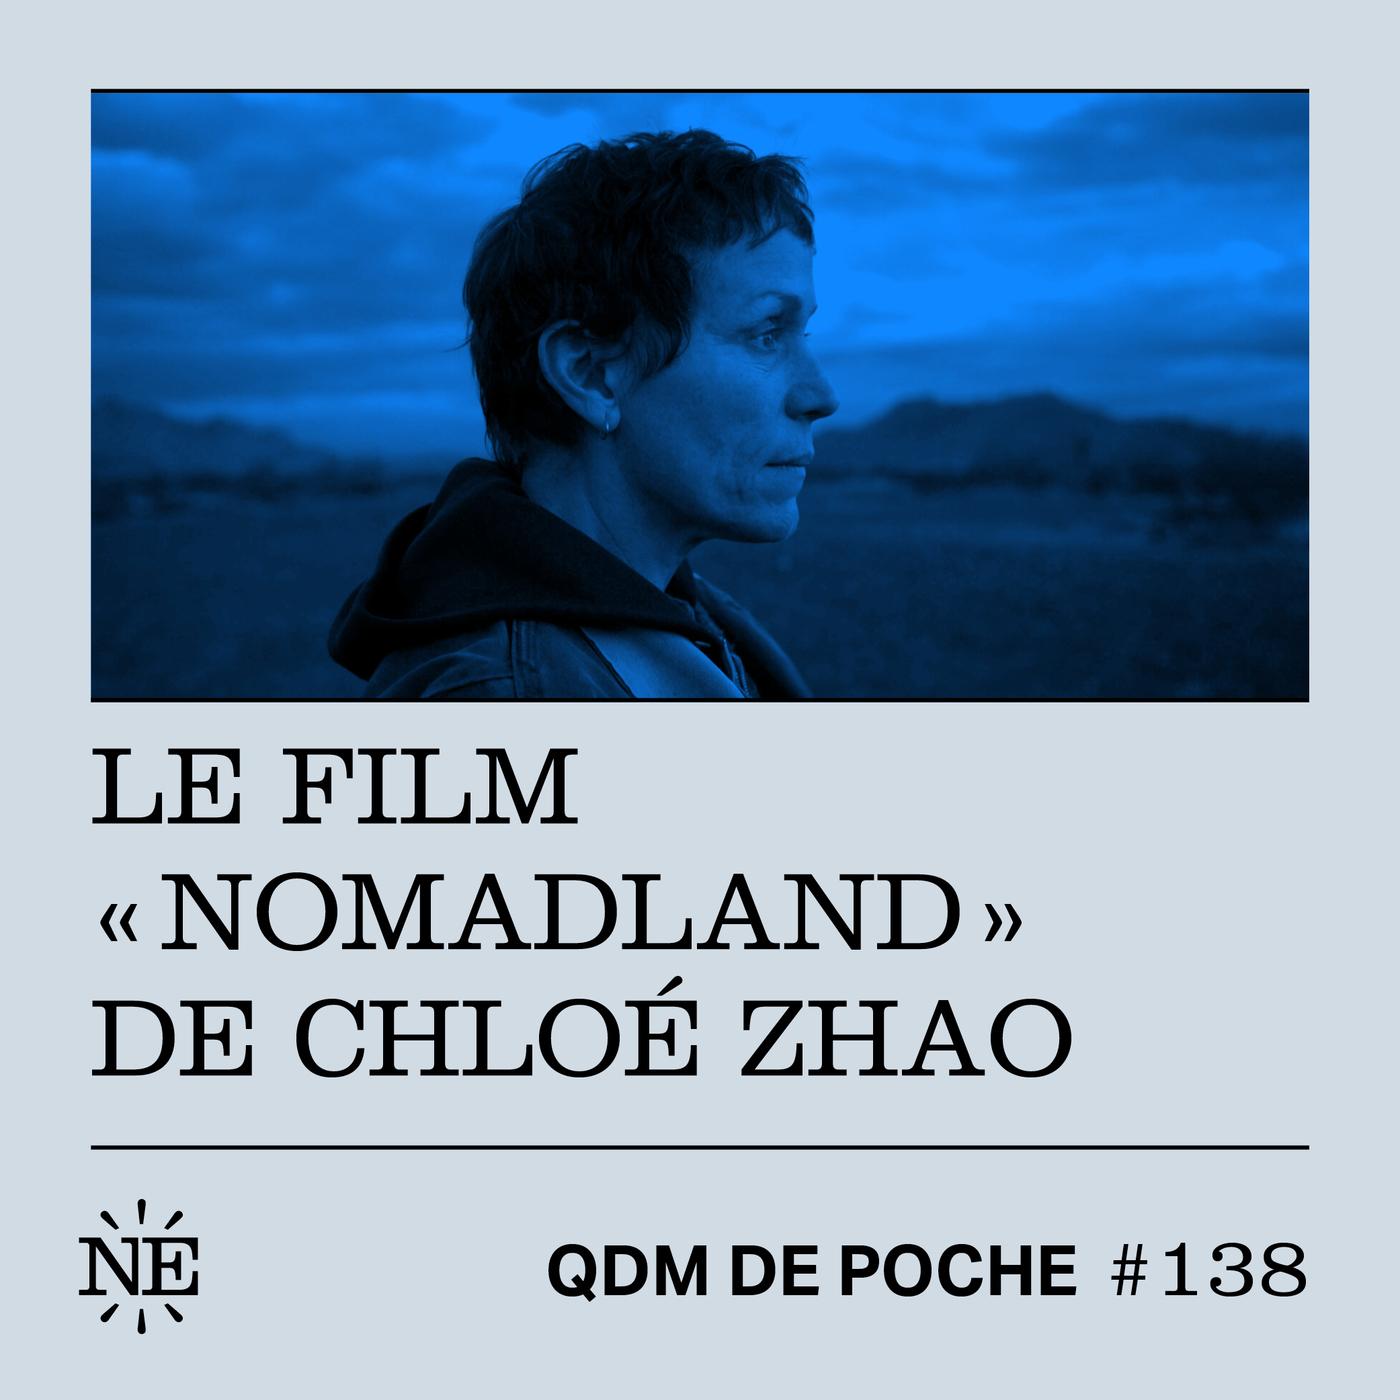 """#138 - QDM de Poche - Le film """"Nomadland"""" de Chloé Zhao"""